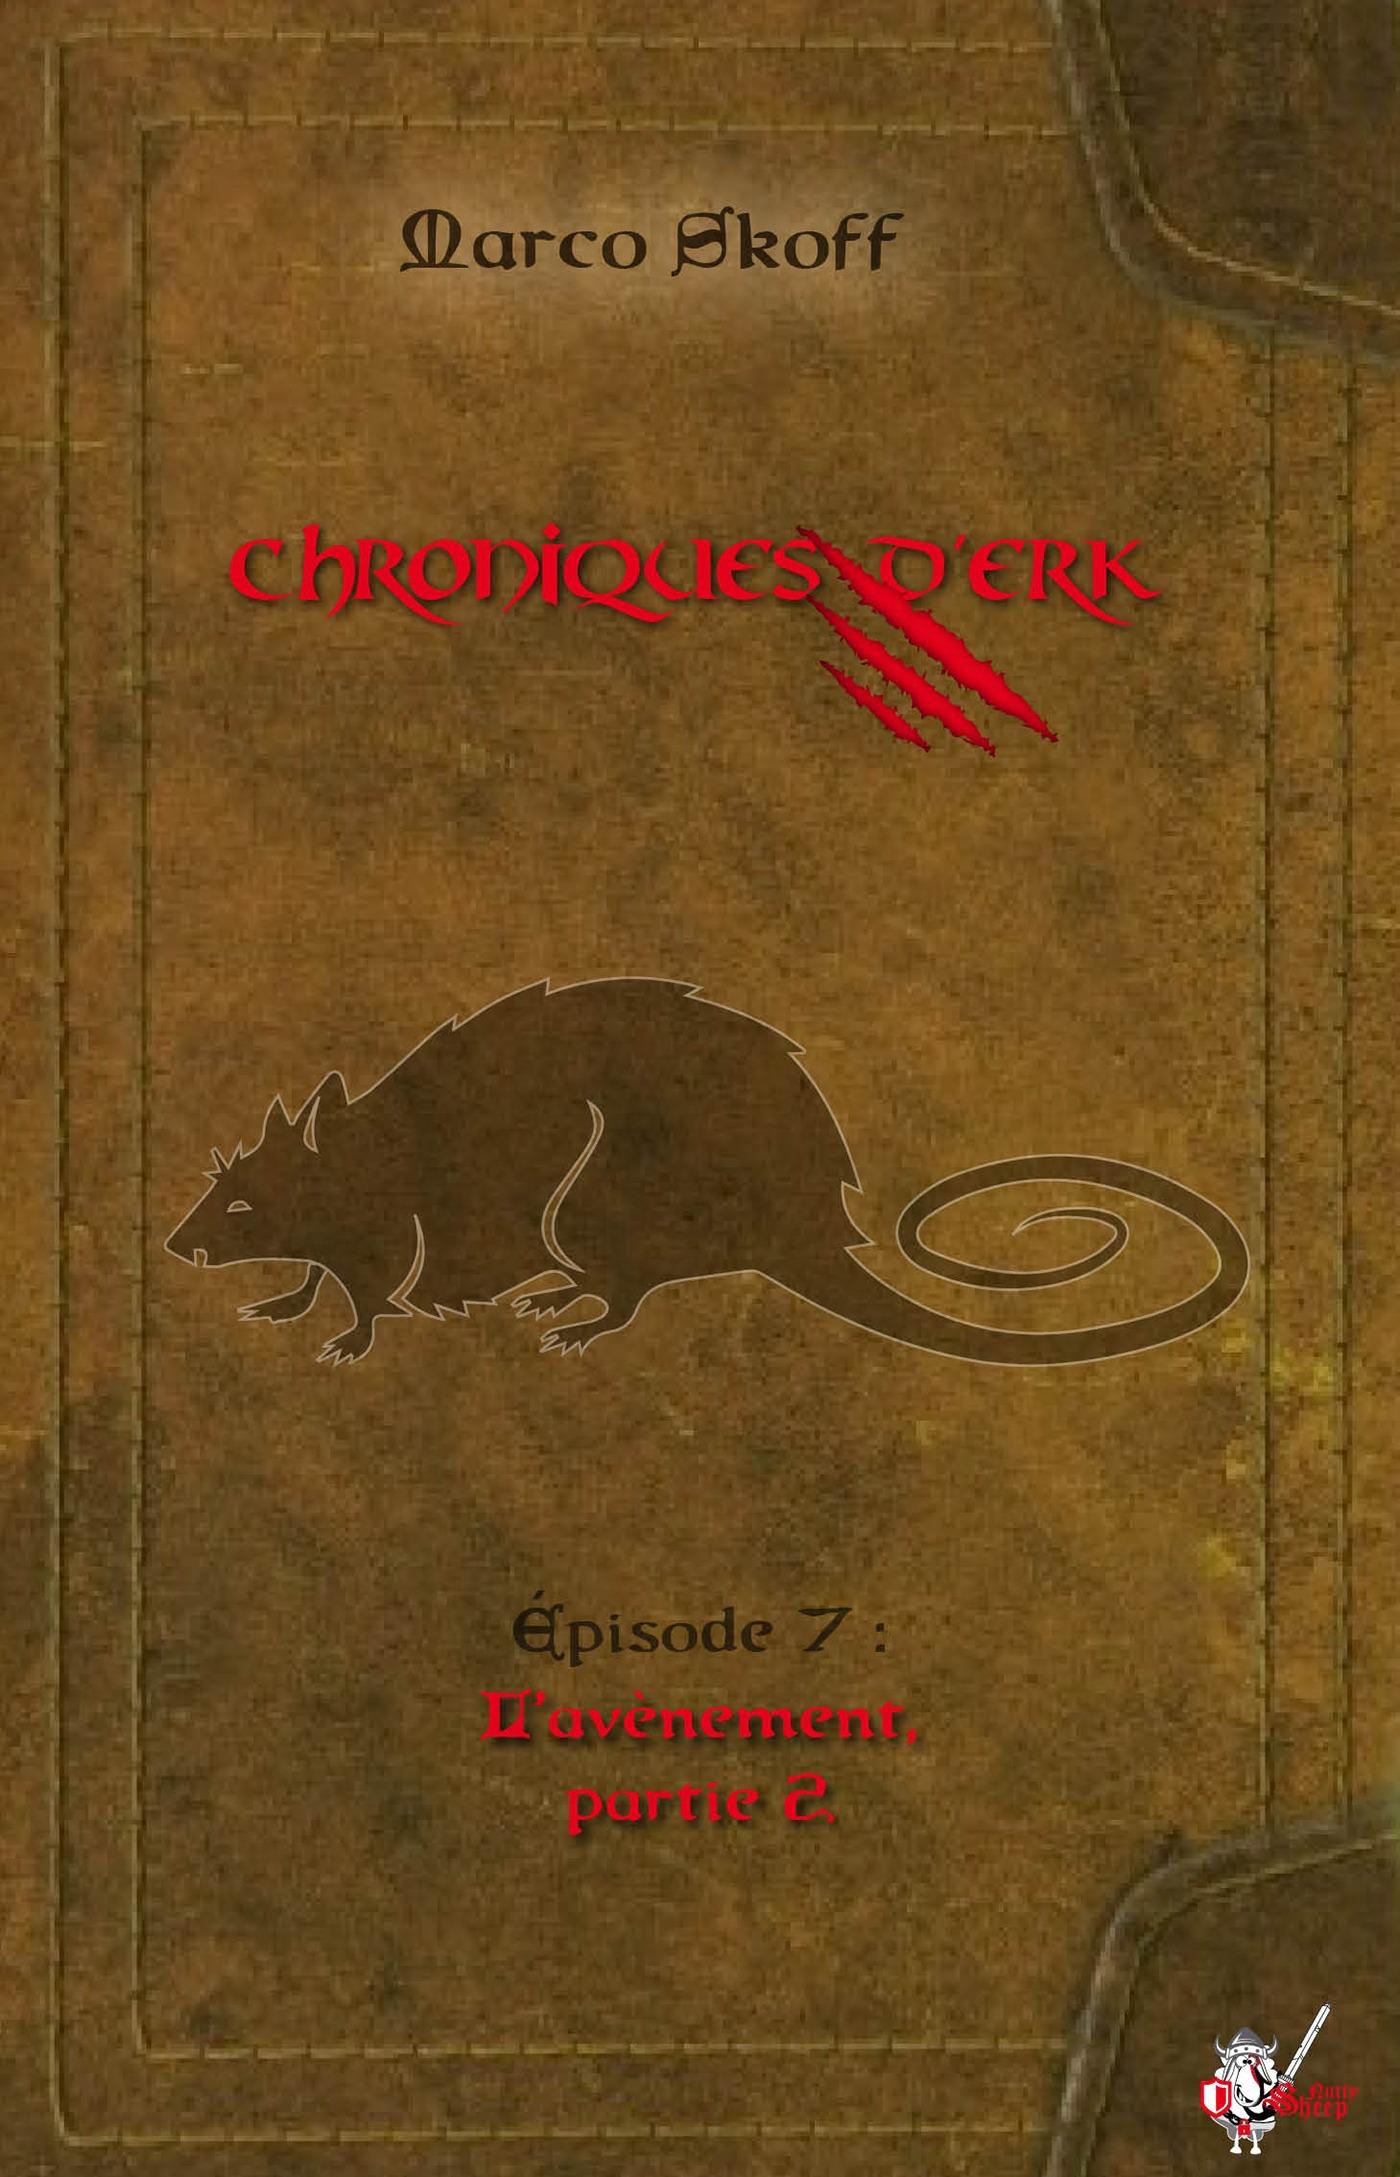 Chroniques d'Erk, Épisode 7